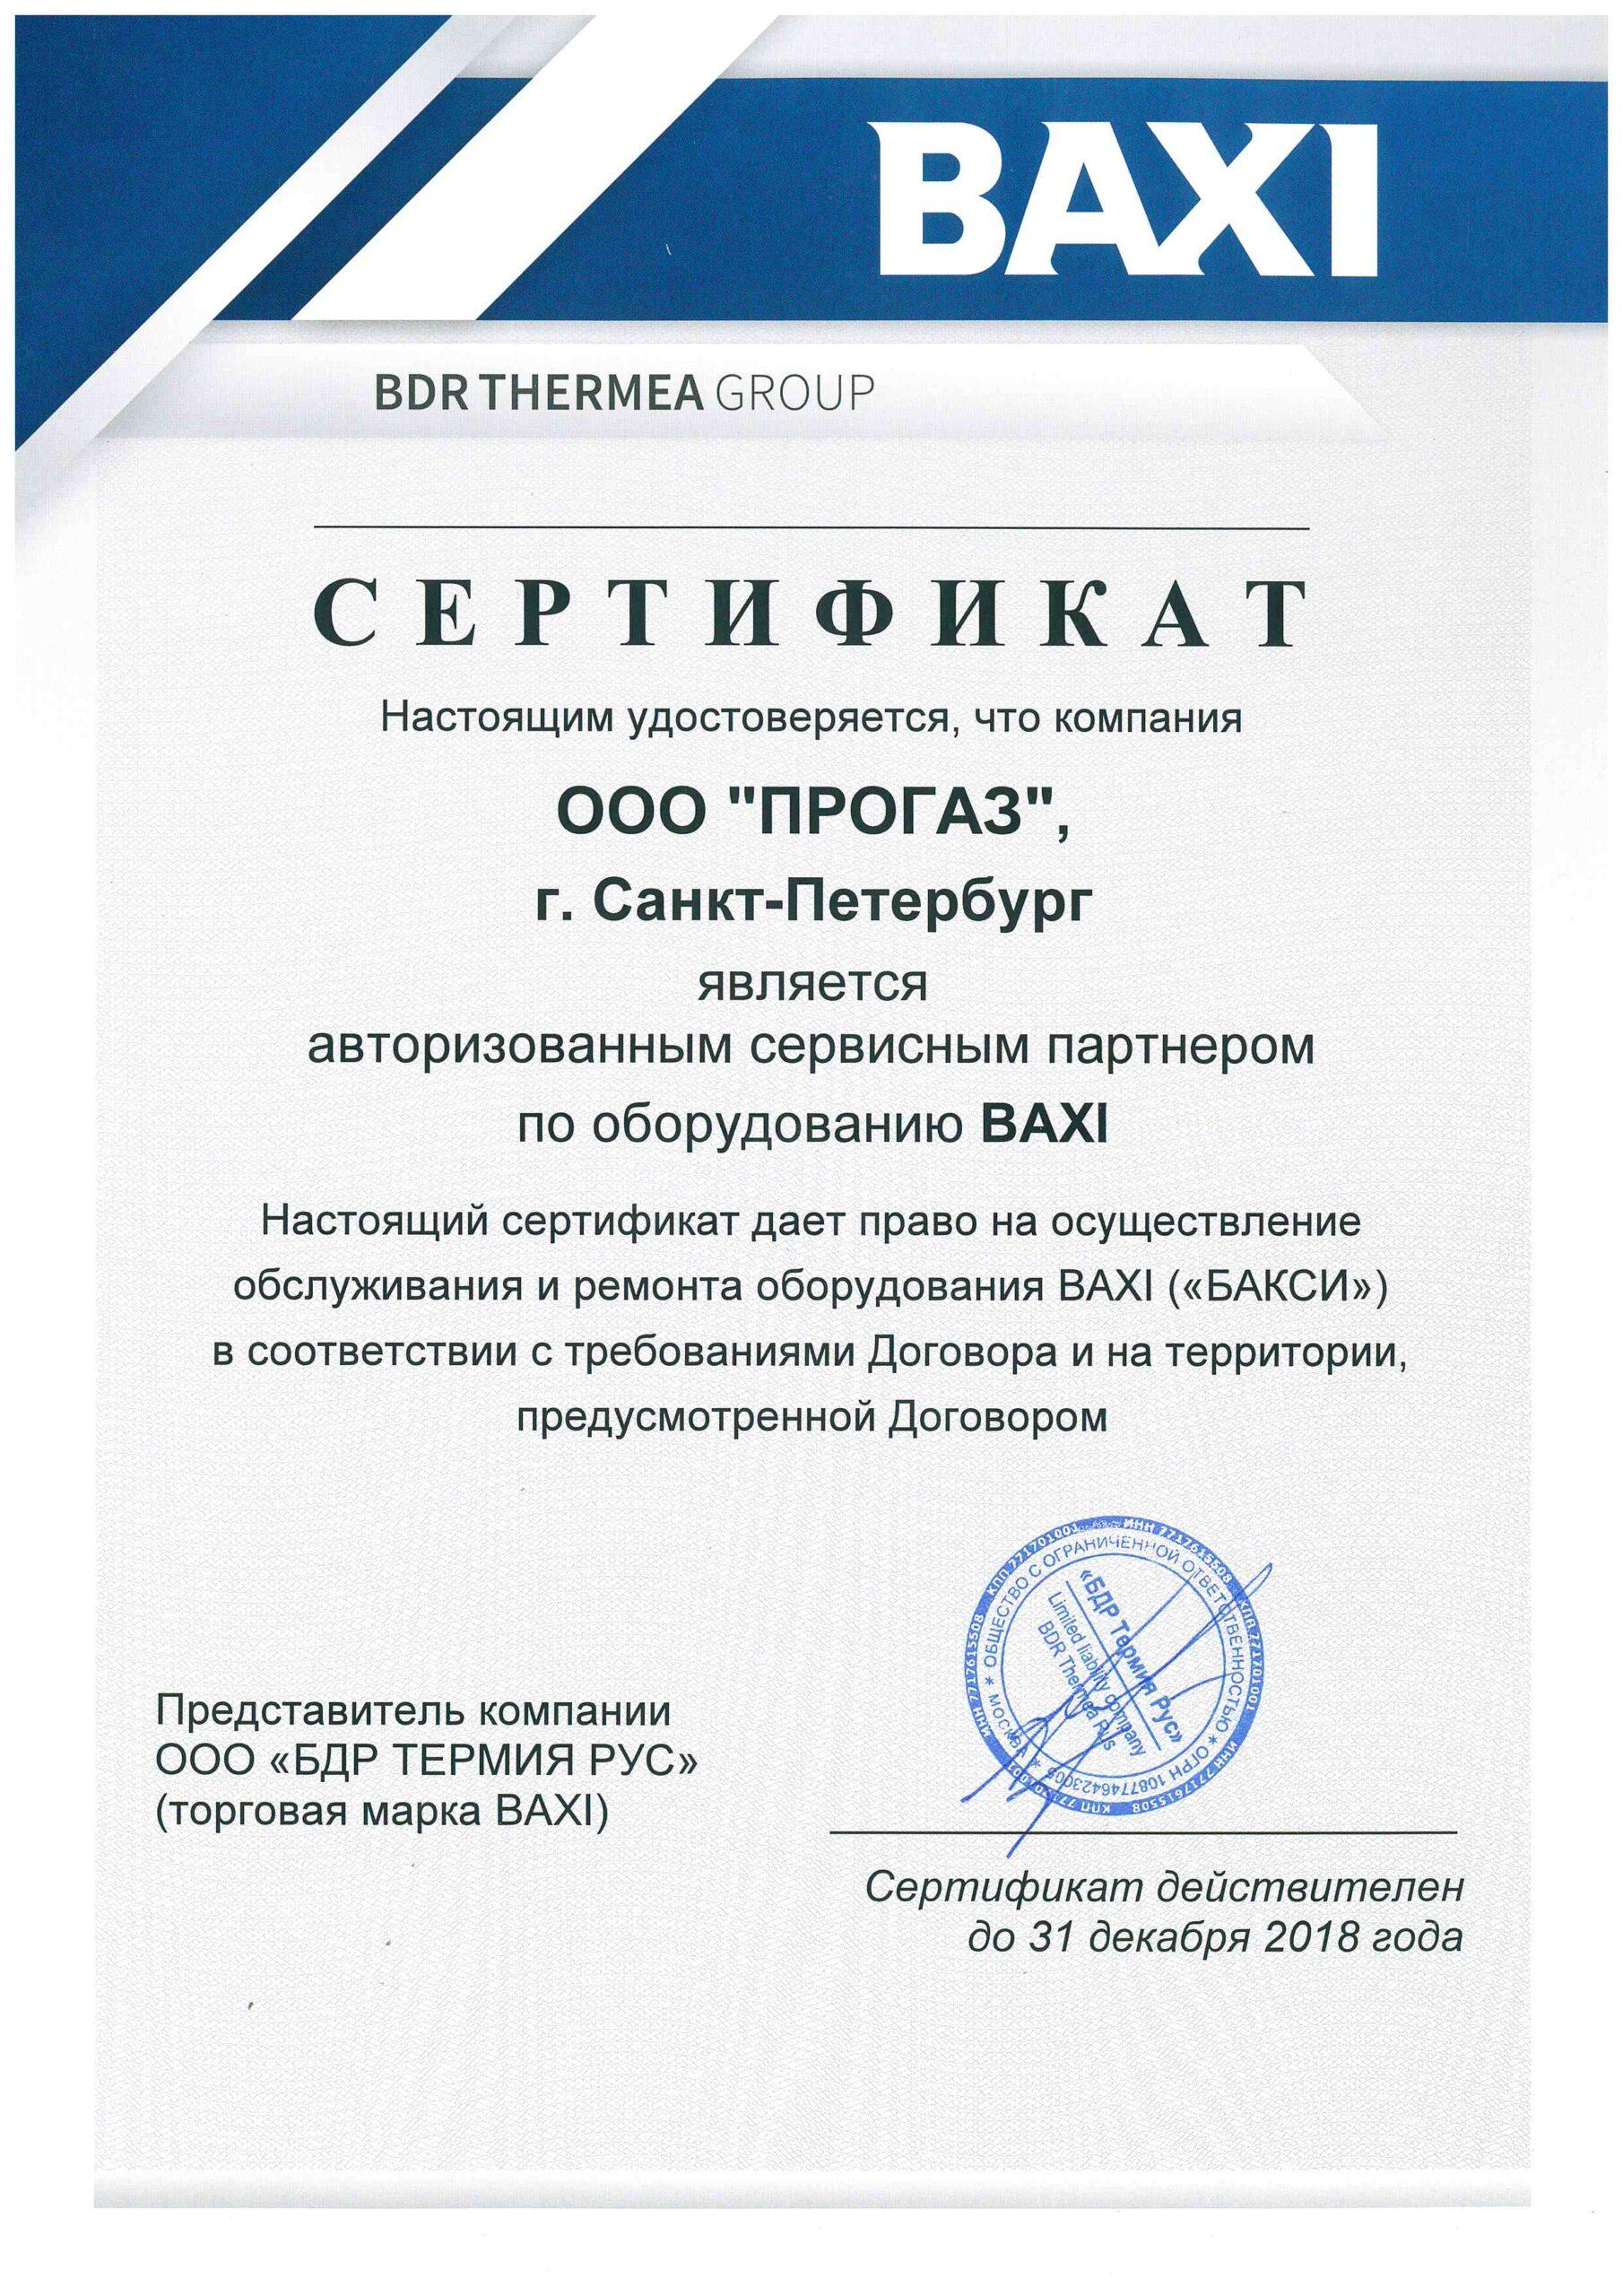 baxi-sertificate